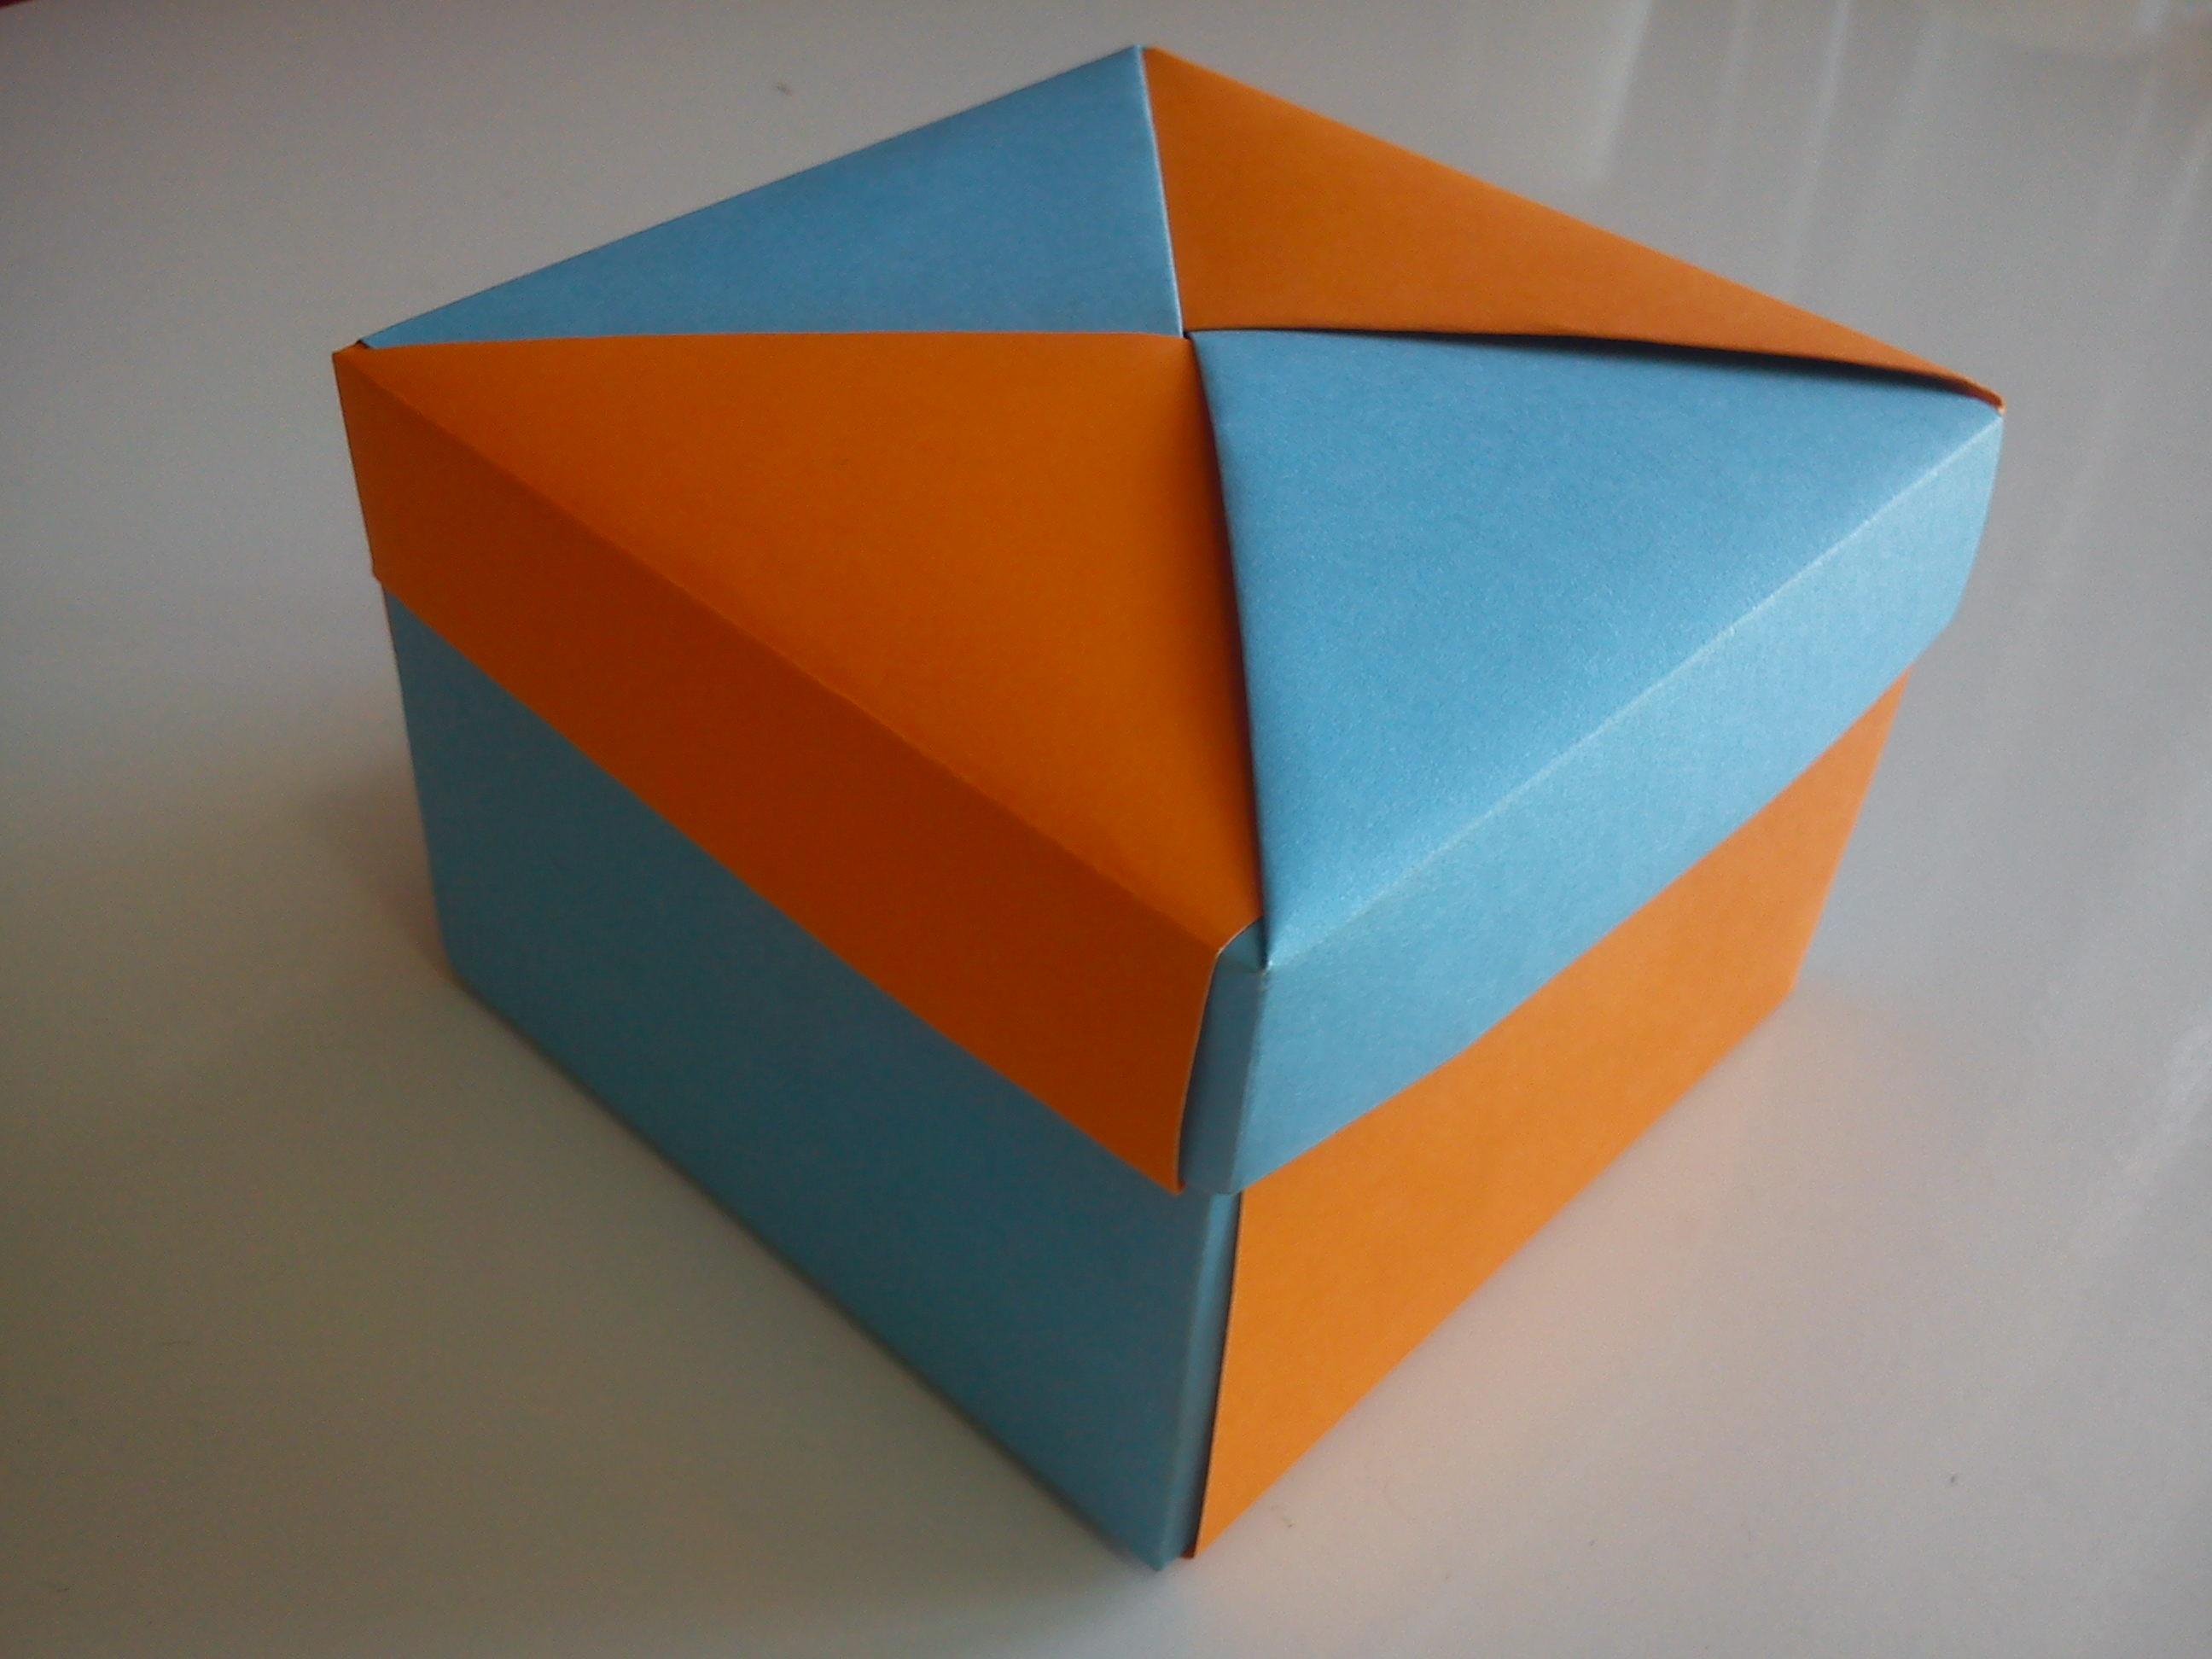 Caixa Caixinha De Origami No Elo7 Origami Da Lua 48c98e